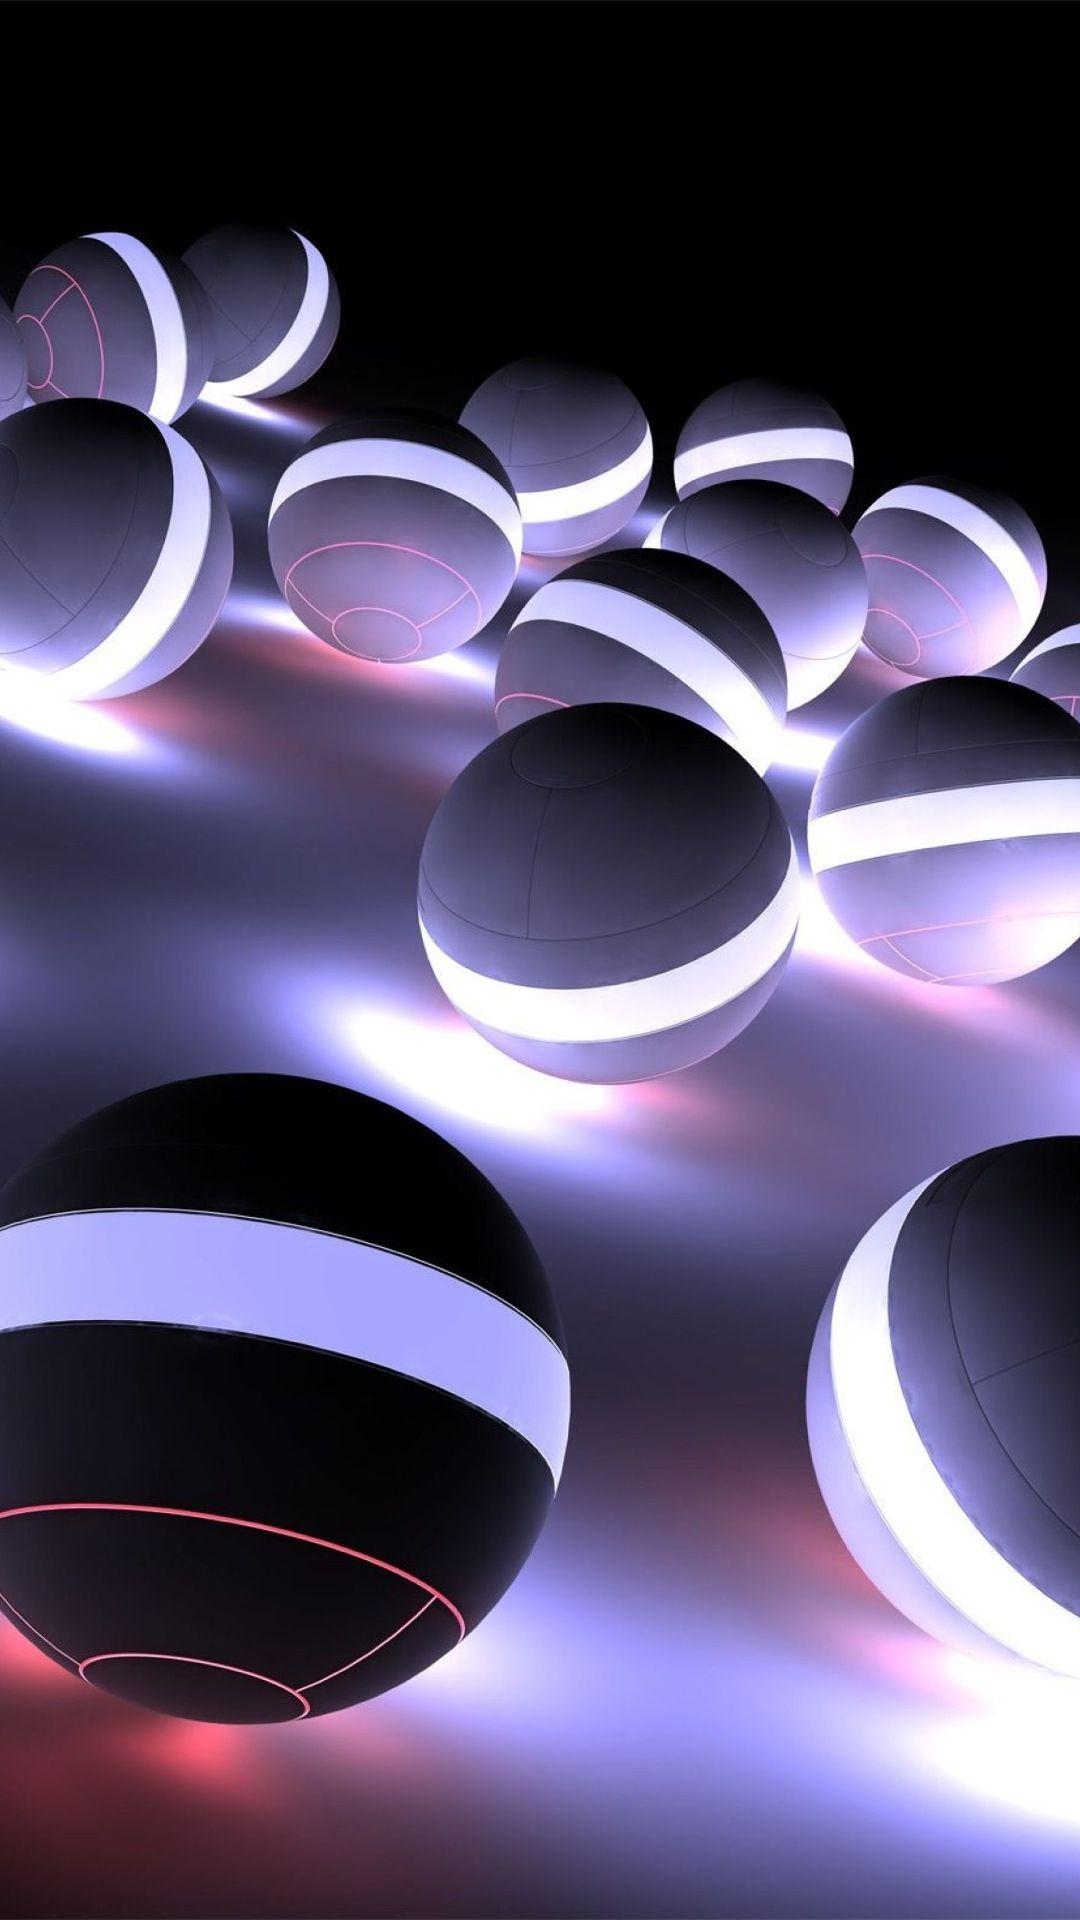 Blanc i negre 3D Fond d'écran coloré, Fond ecran iphone